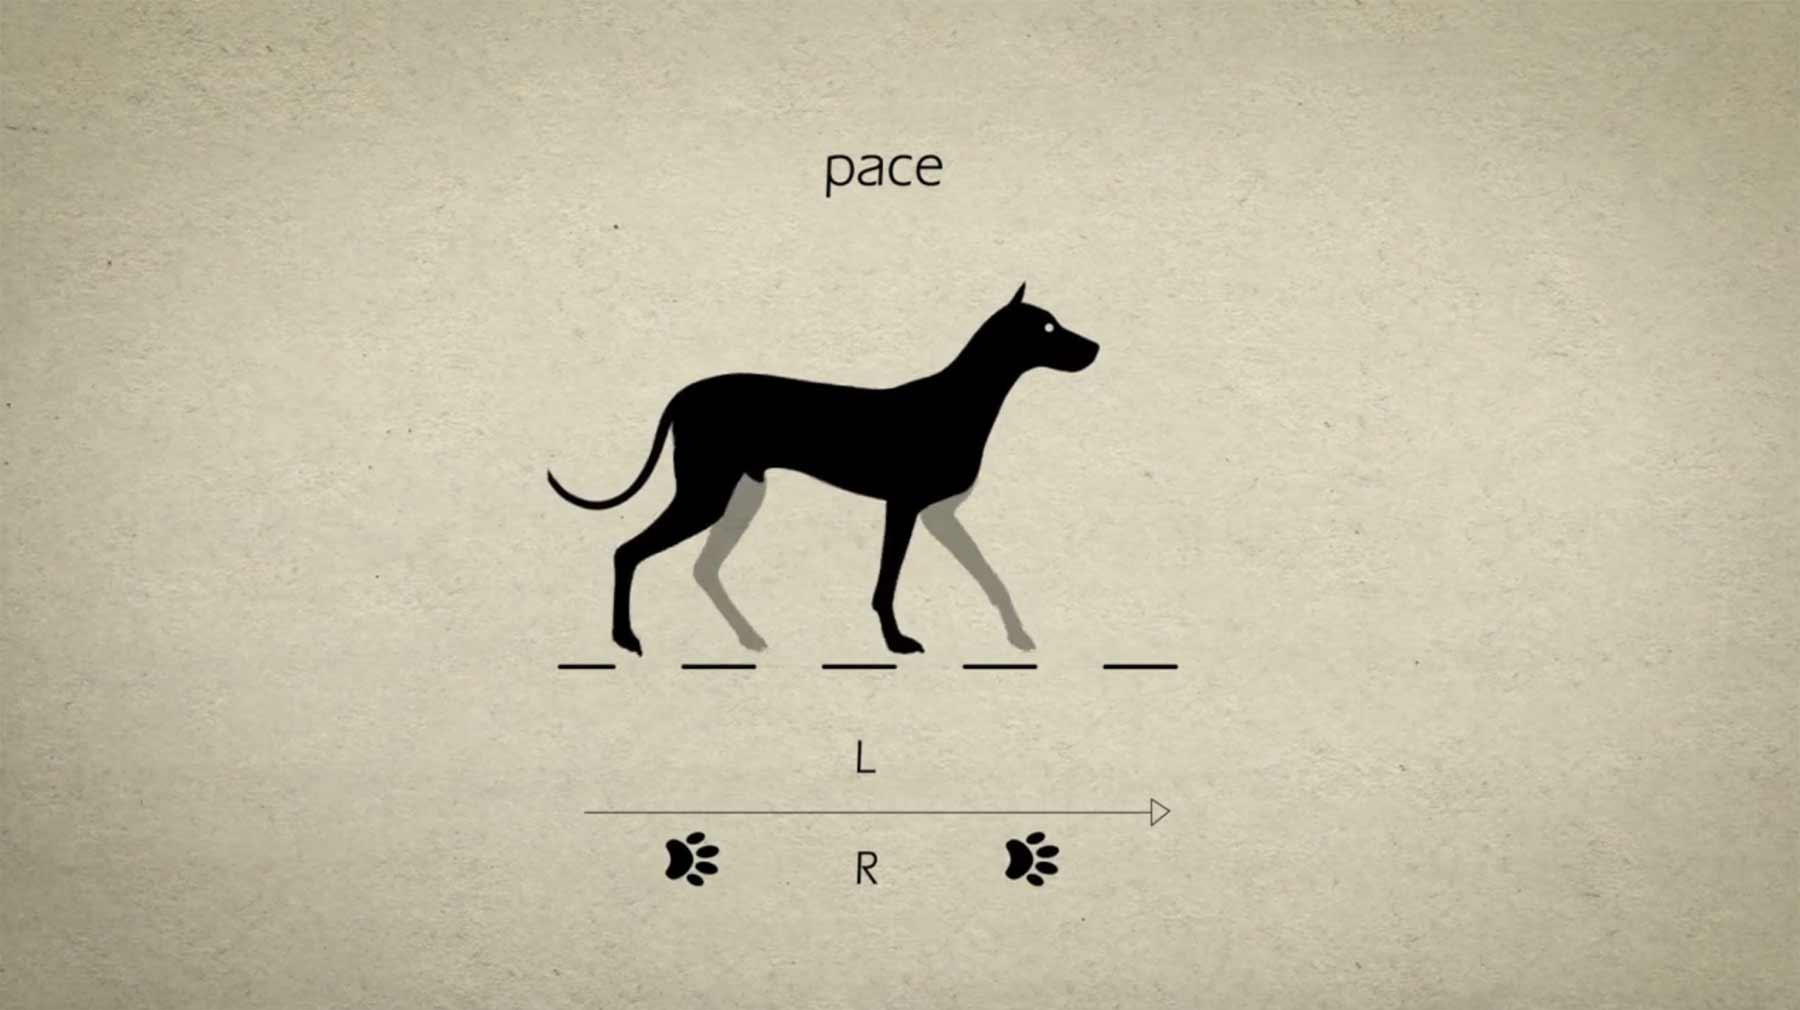 So bewegt ein Hund seine Pfoten bei unterschiedlichen Laufarten Hundebewegung-visualisiert-1